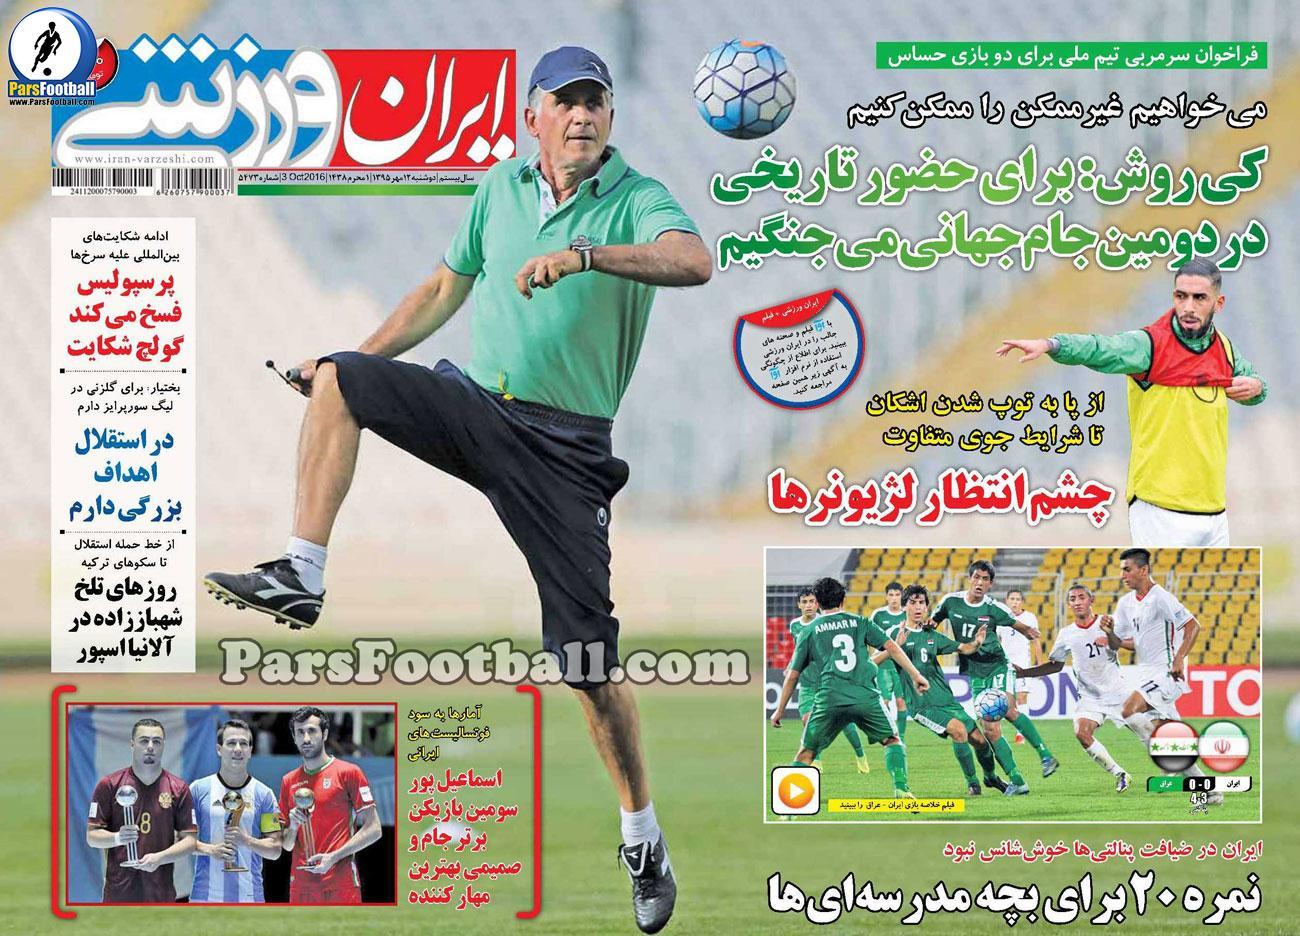 روزنامه ایران ورزشی دوشنبه 12 مهر 95